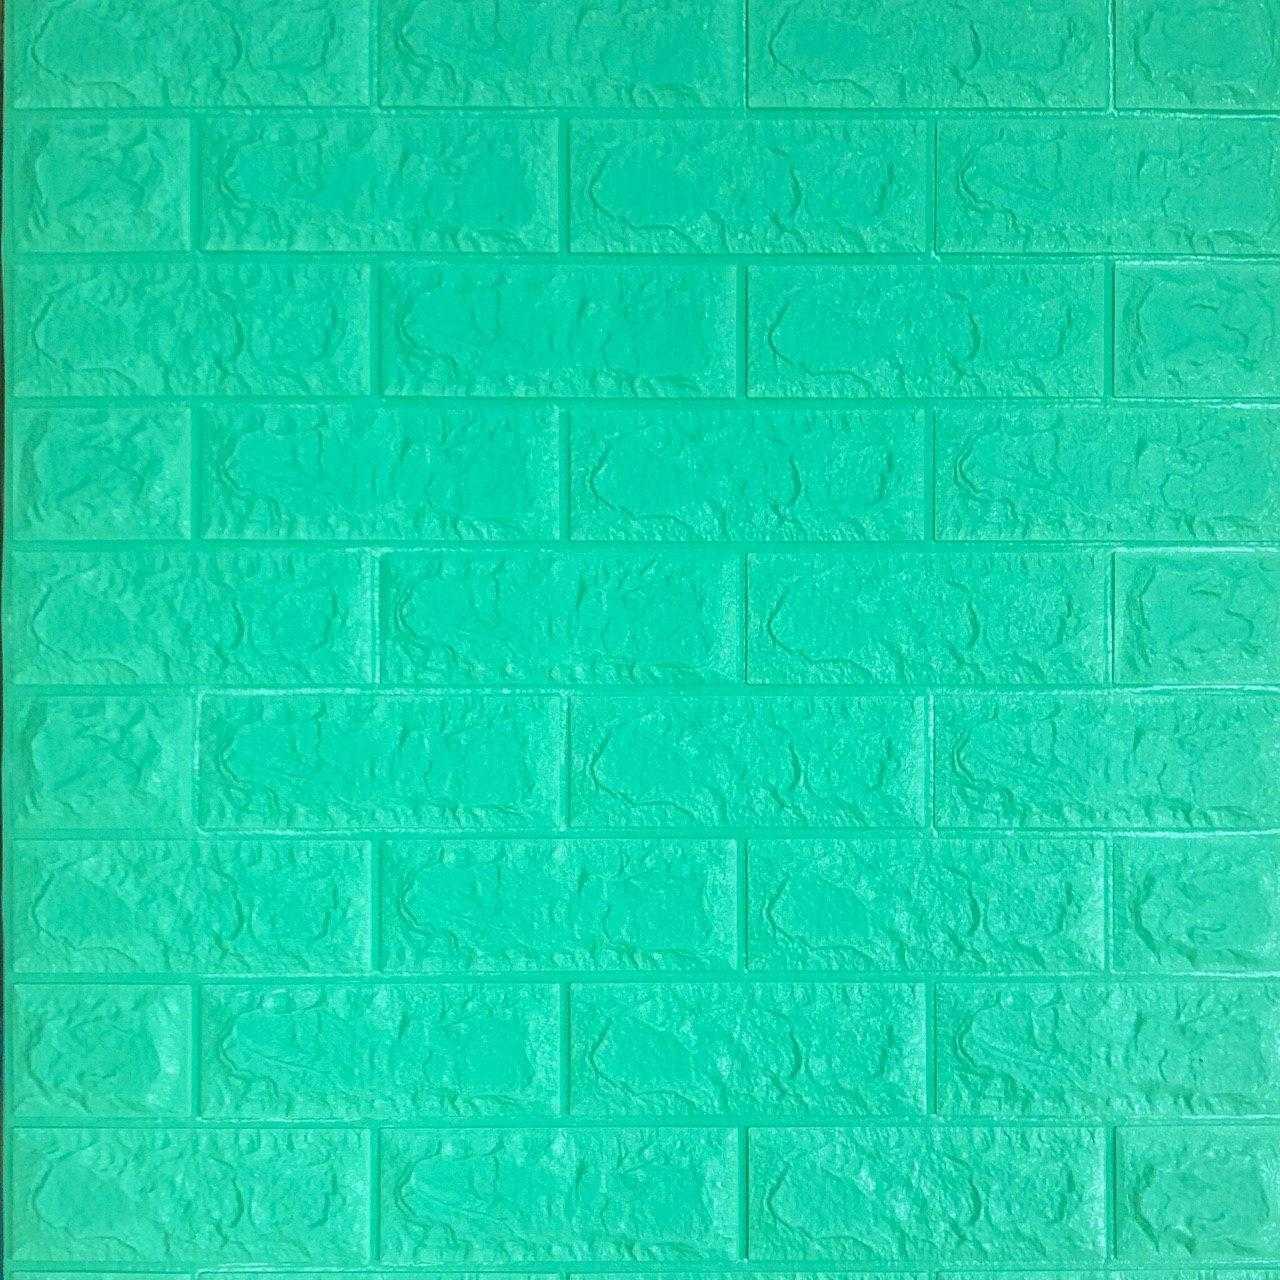 Самоклеюча декоративна 3D панель зелена трава (м'ятний цегла) 700х770х7мм (самоклейка, М'які 3D Панелі)